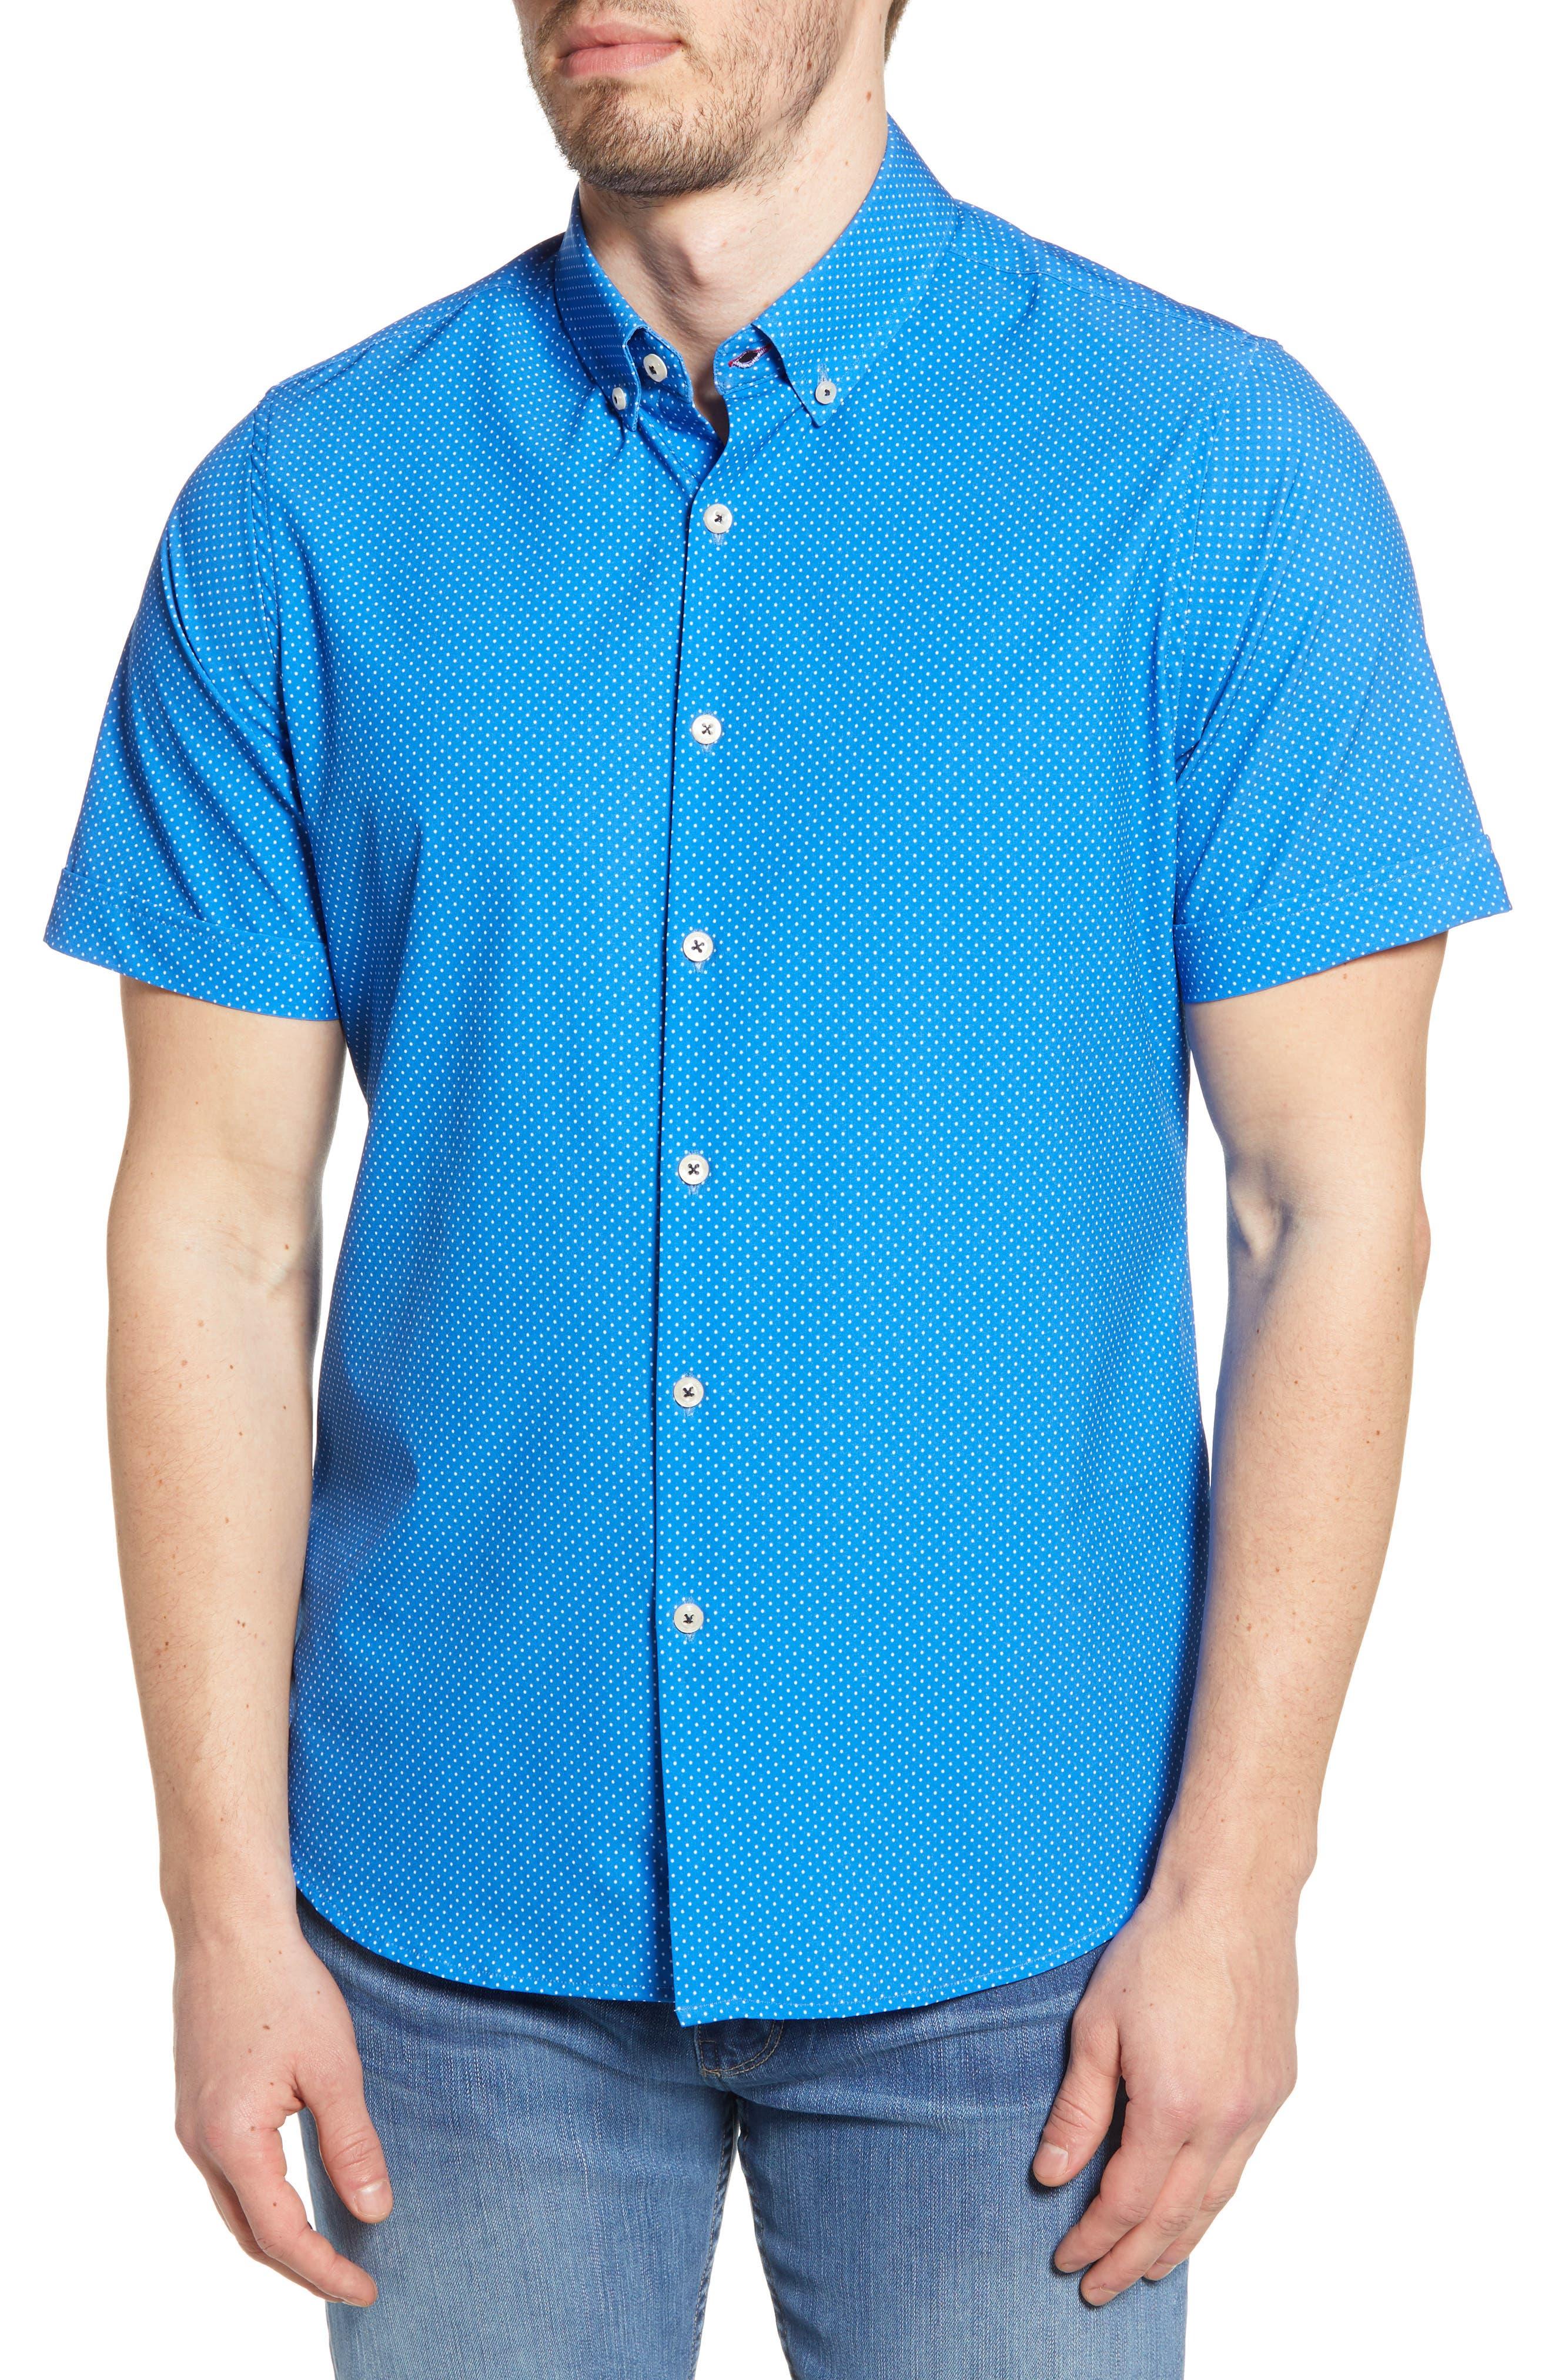 Short Sleeve Button-Down Shirt